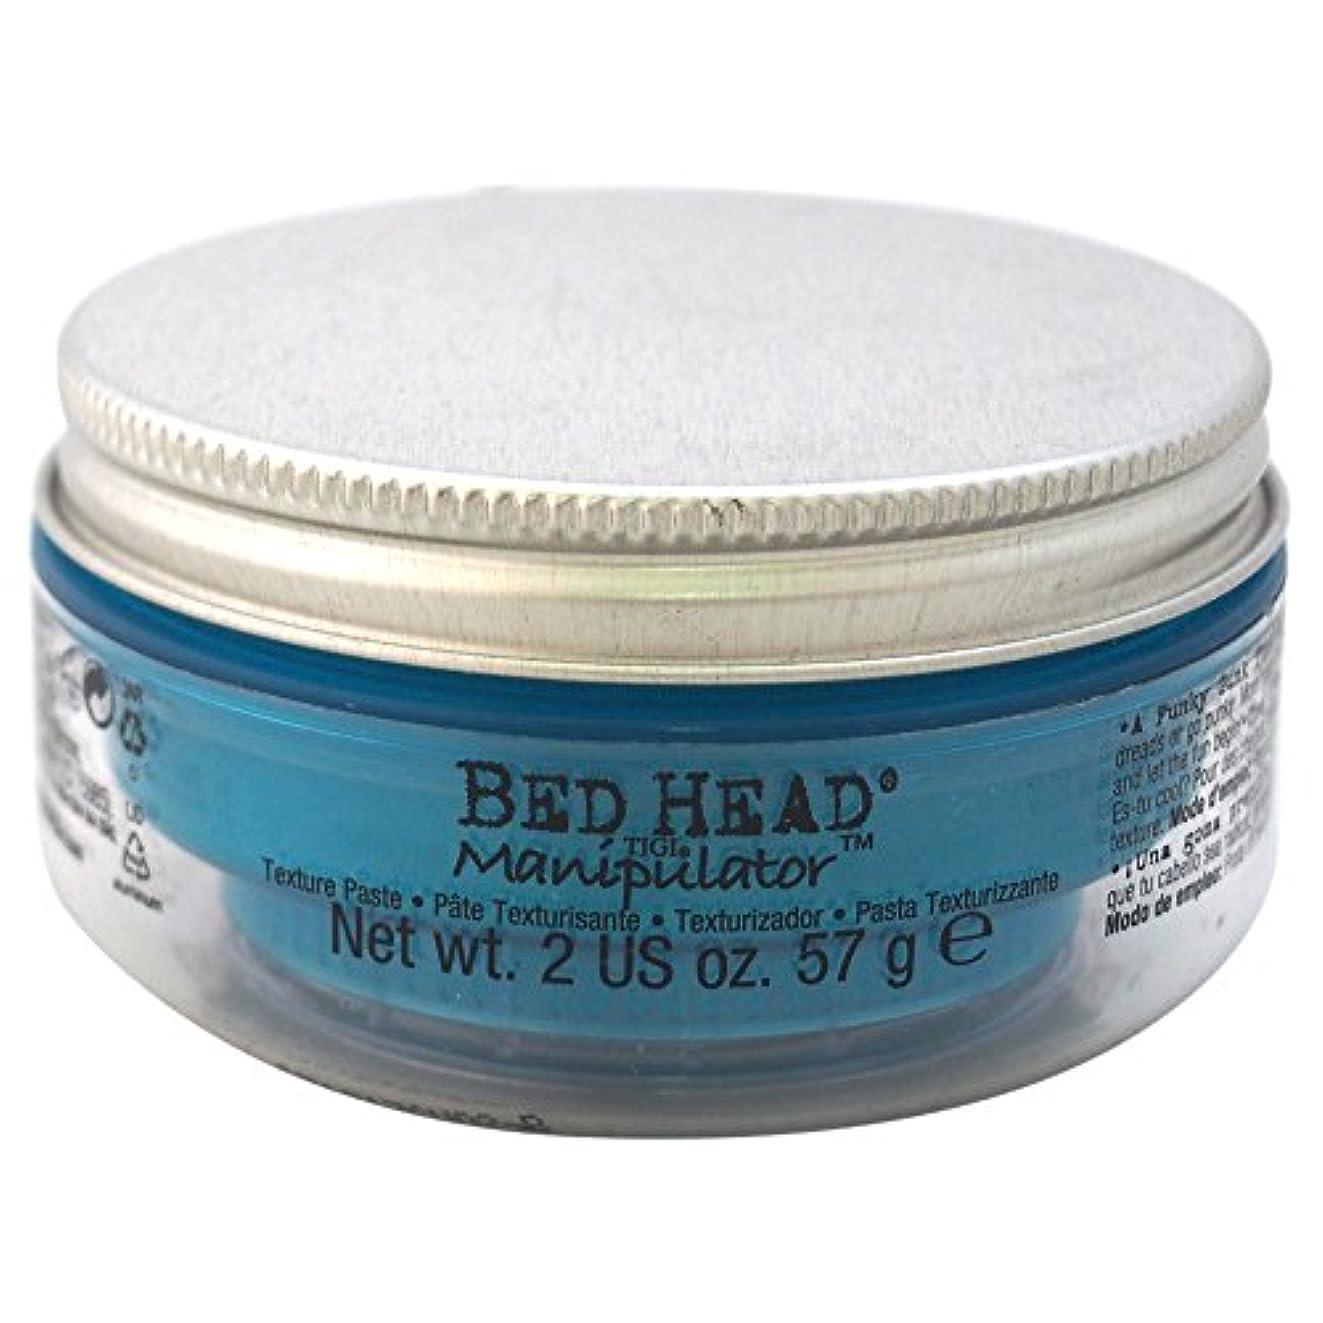 クレア秘密の含めるティジー ベッドヘッドマニピュレーター テキシチヤ ペースト Tigi Bed Head Manipulator Texture Paste 57 ml [並行輸入品]